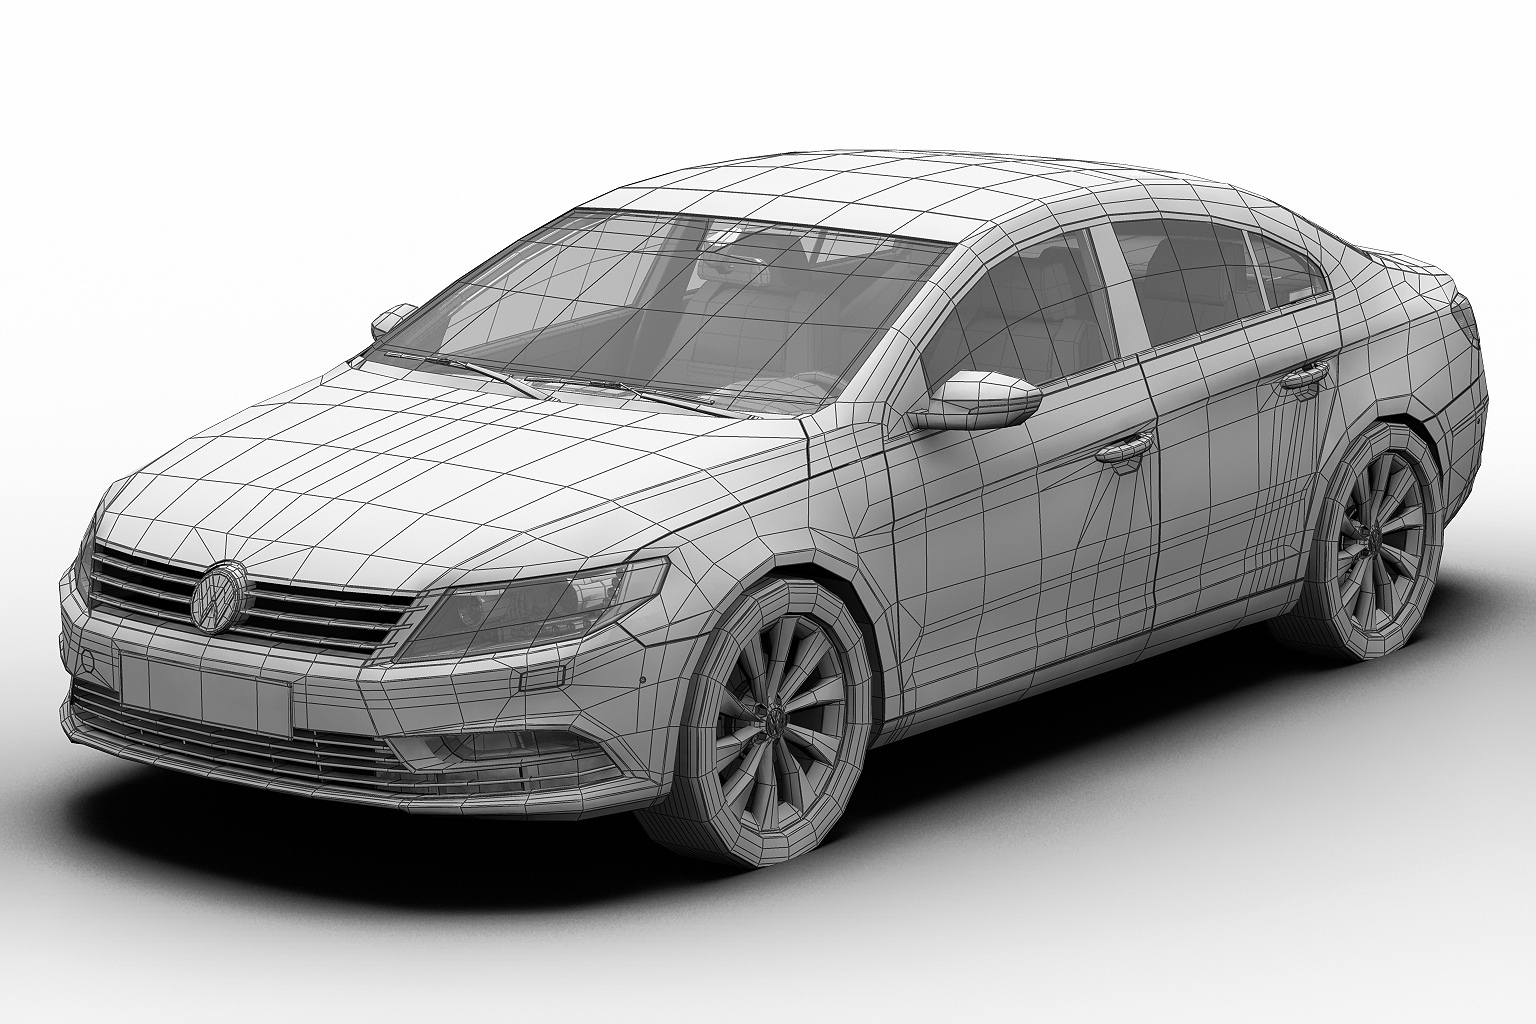 2013 volkswagen cc 3d model 3ds max fbx c4d lwo hrc xsi obj 136223